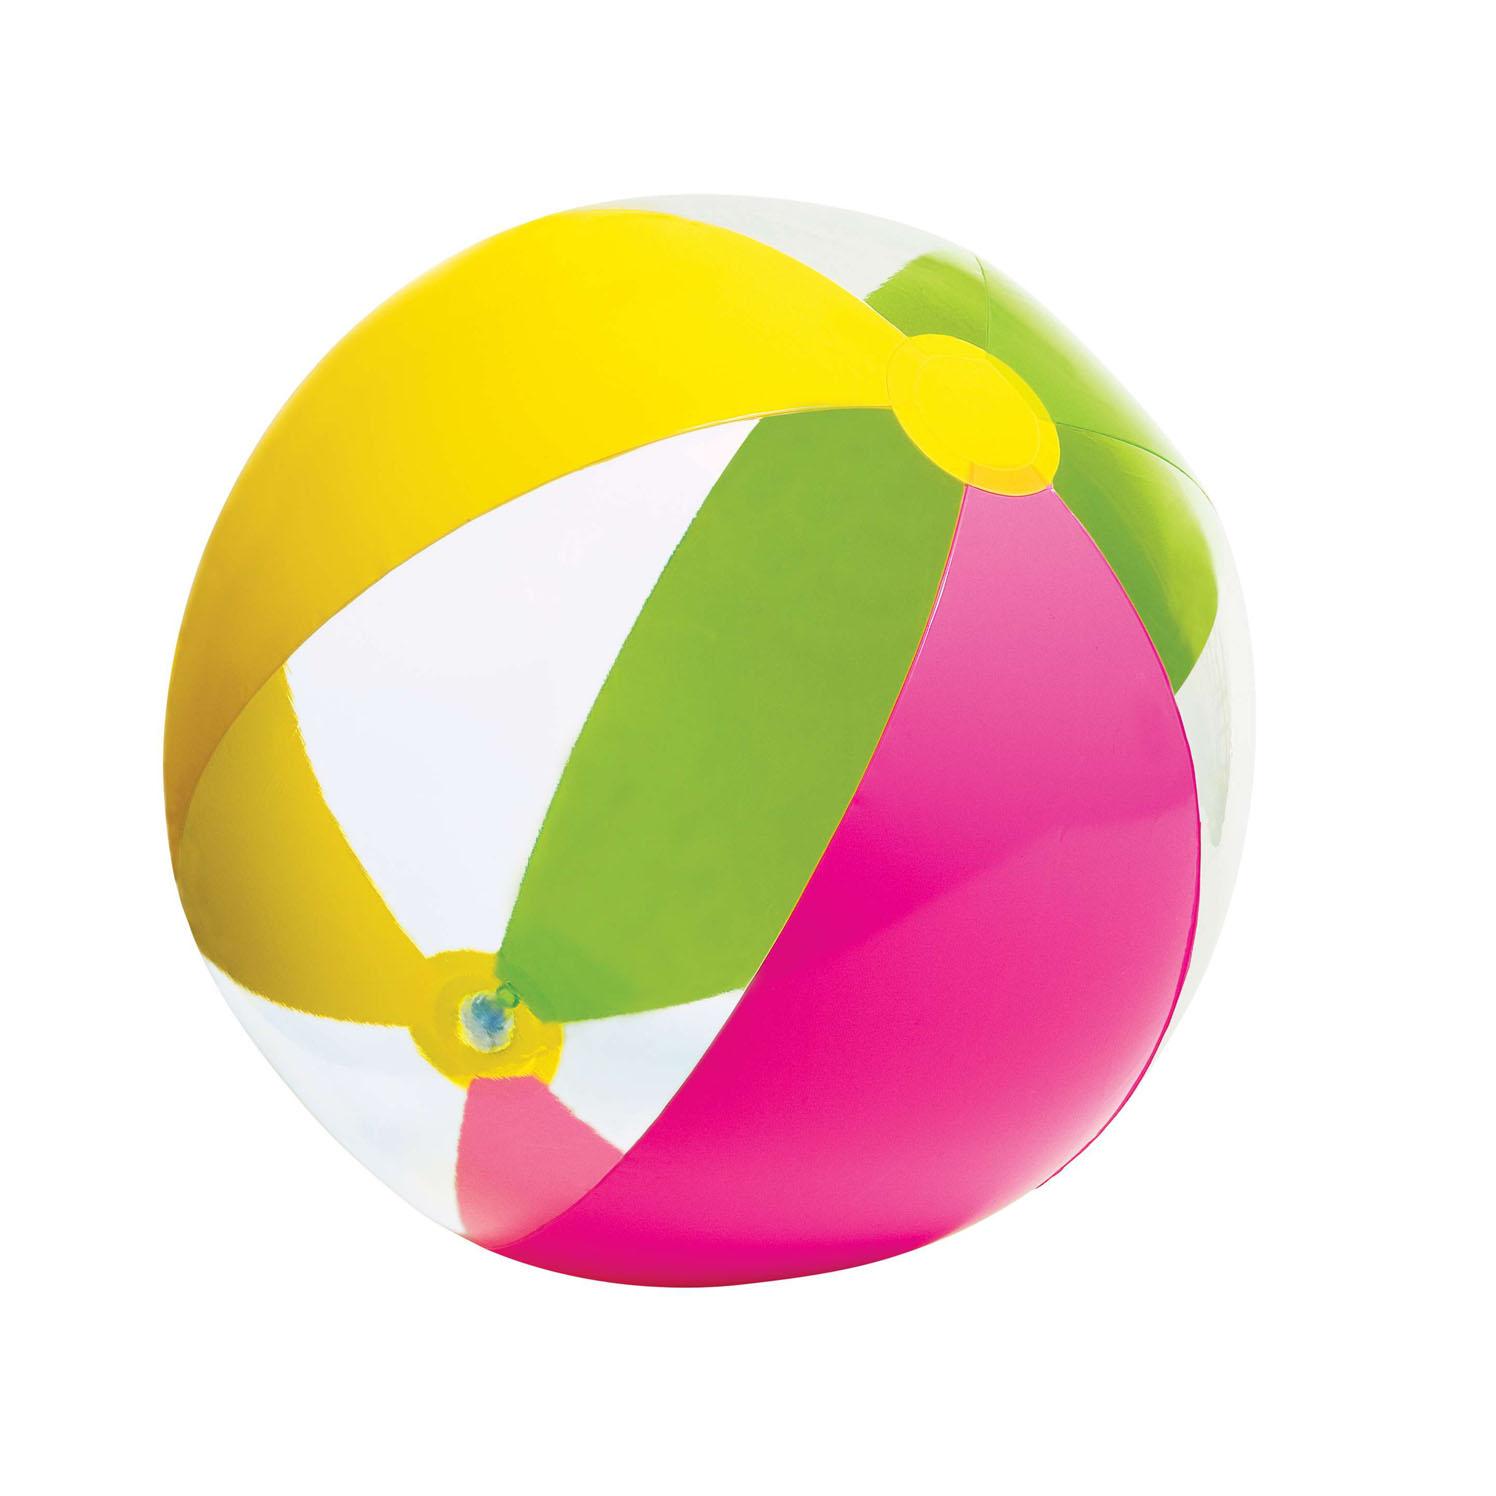 Мяч надувной Paradise BallsНадувные животные, круги и матрацы<br>Мяч надувной Paradise Balls<br>